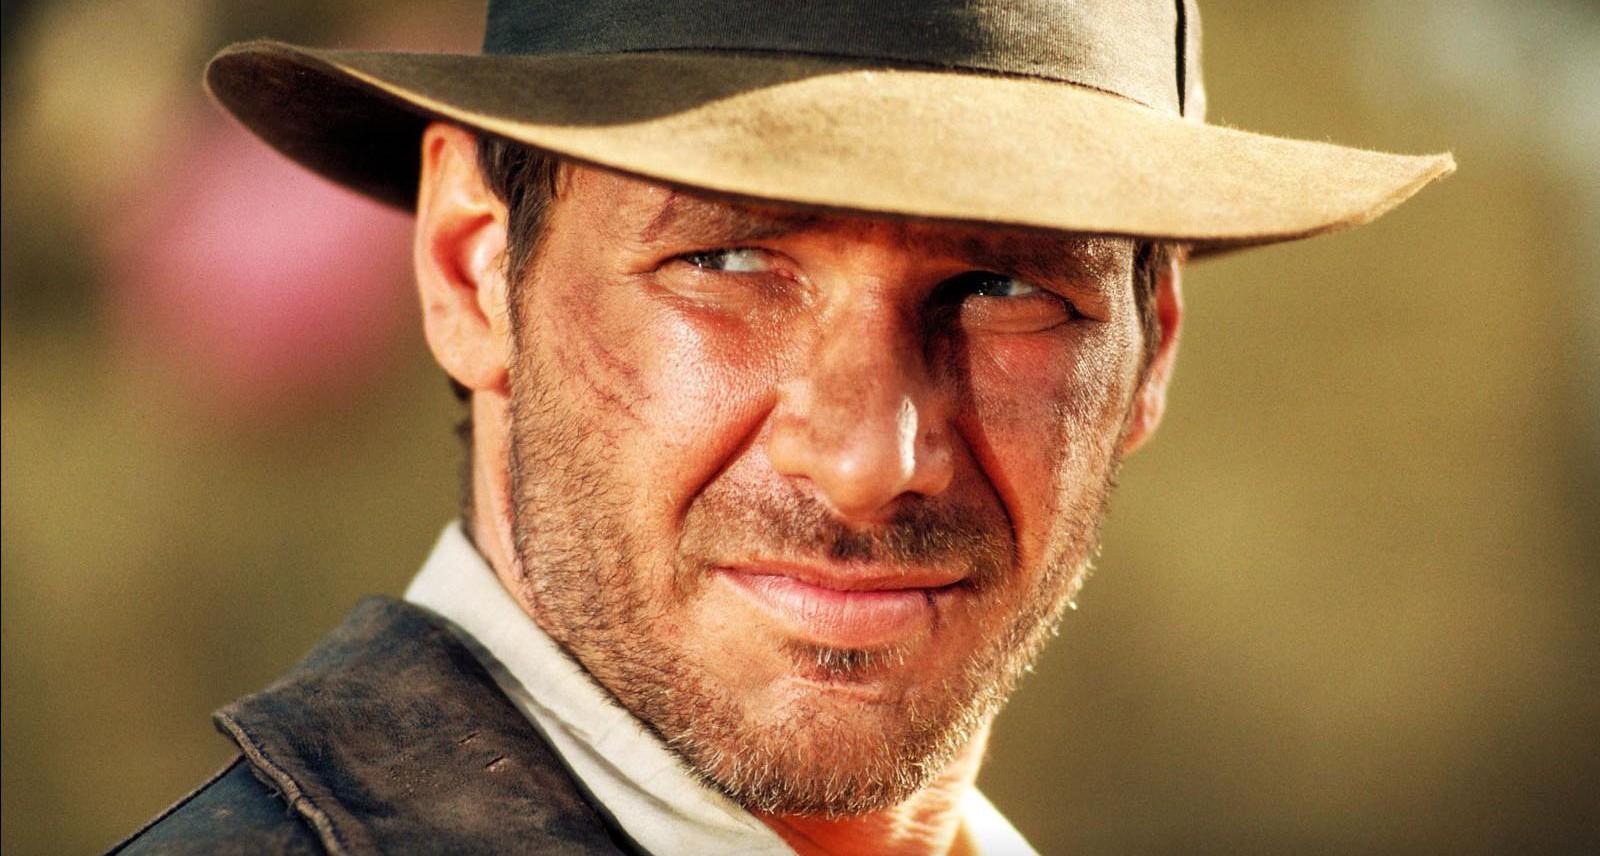 好萊塢男星哈里遜福特主演電影《法櫃奇兵》。